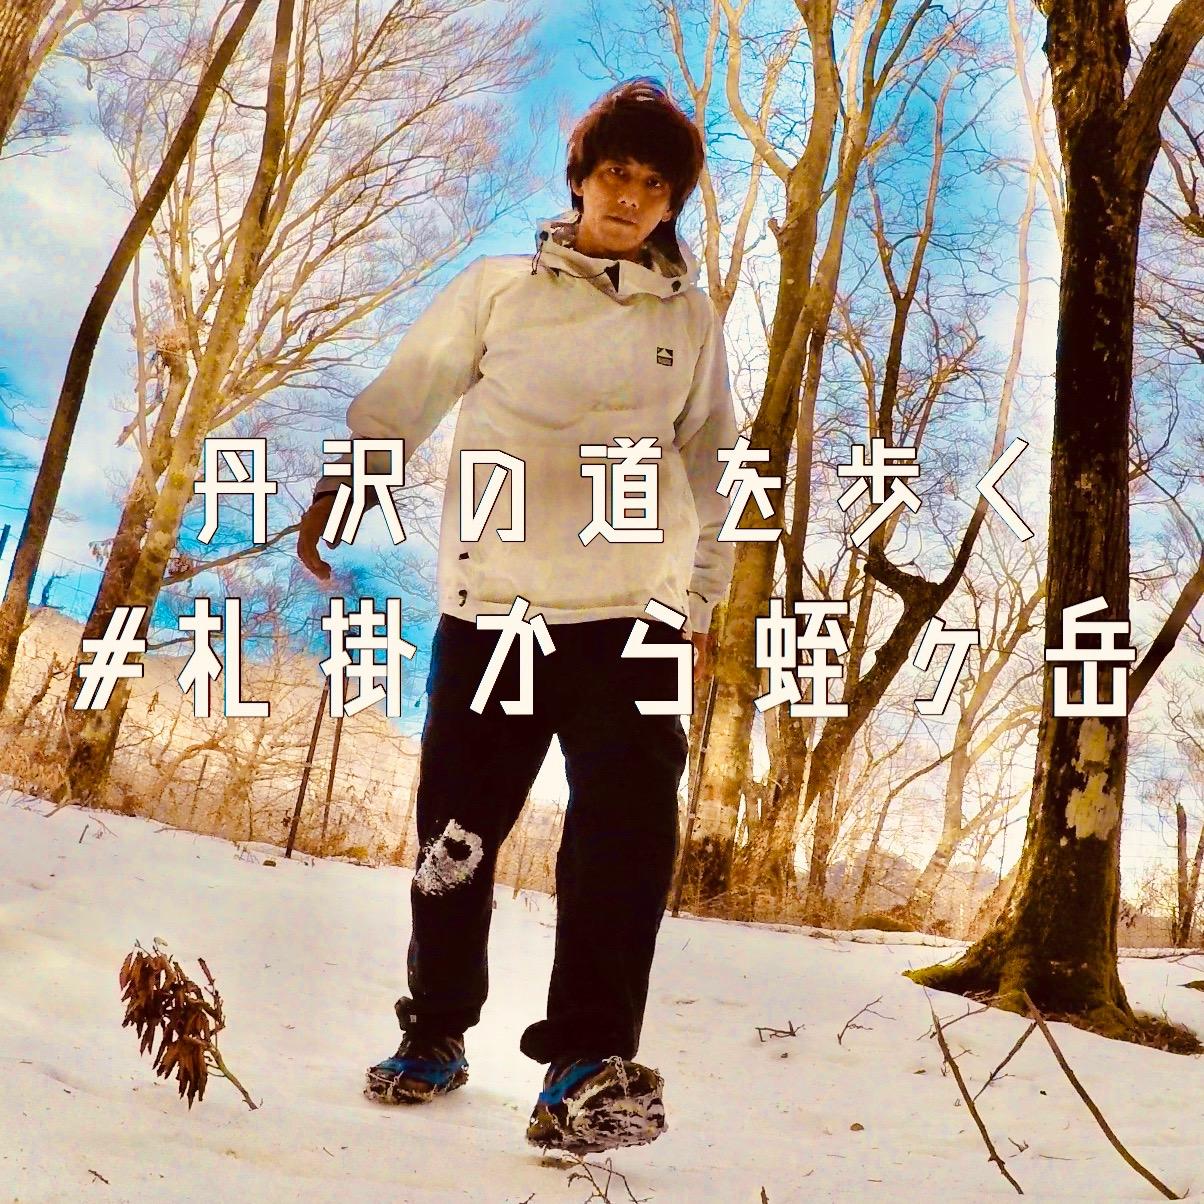 丹沢の道を歩く #札掛から蛭ヶ岳